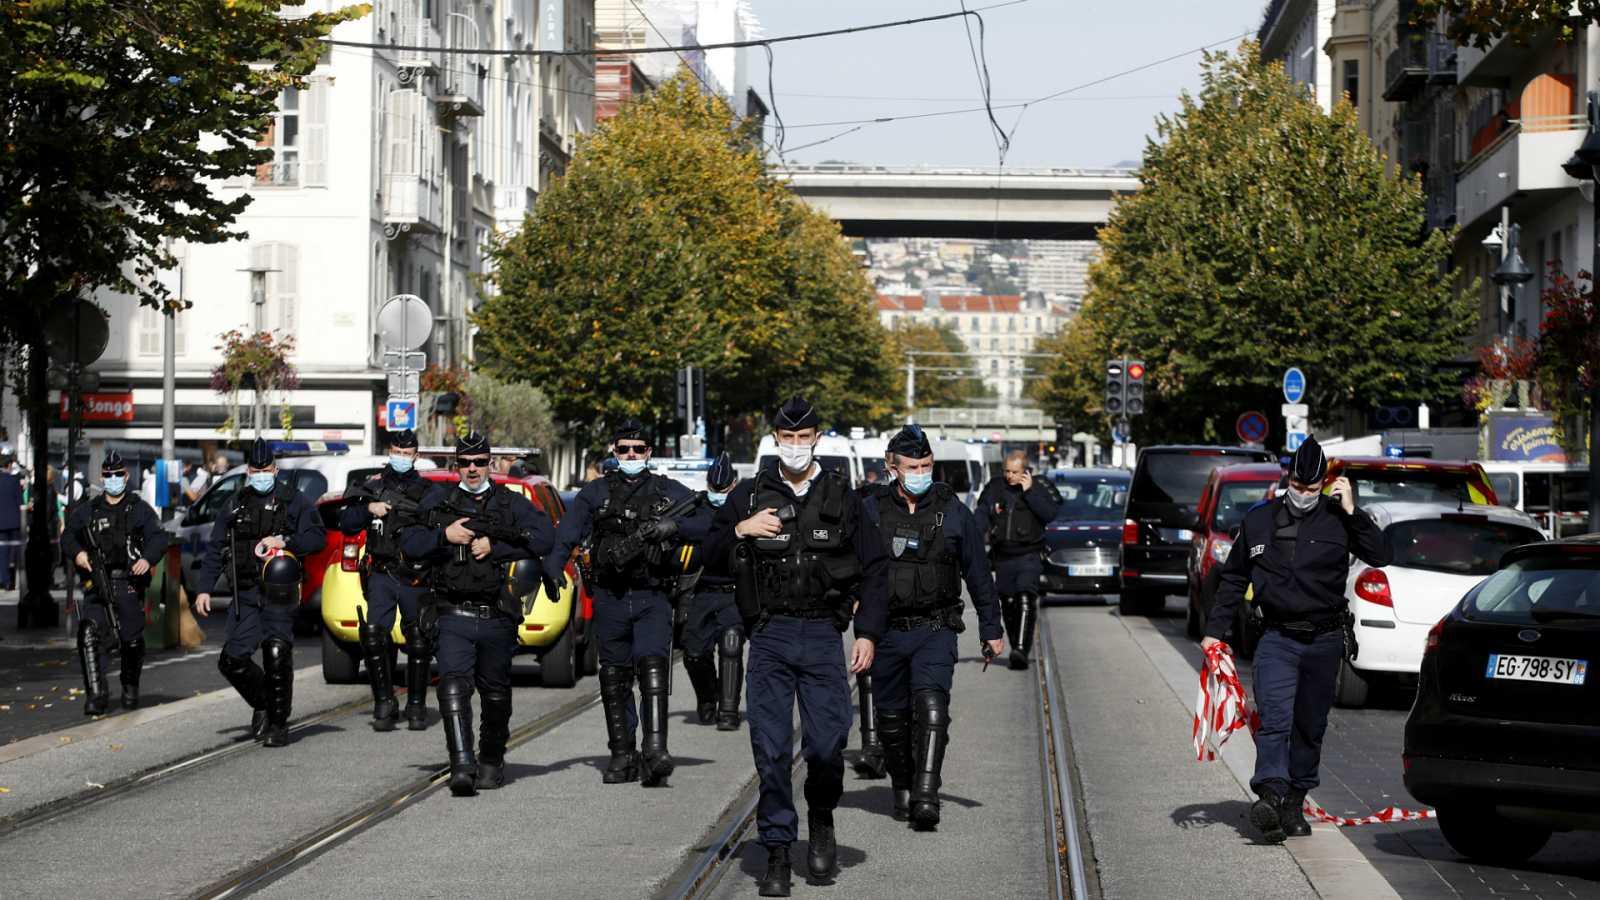 Boletines RNE - Un ataque terrorista en una iglesia de Niza deja tres muertos - Escuchar ahora